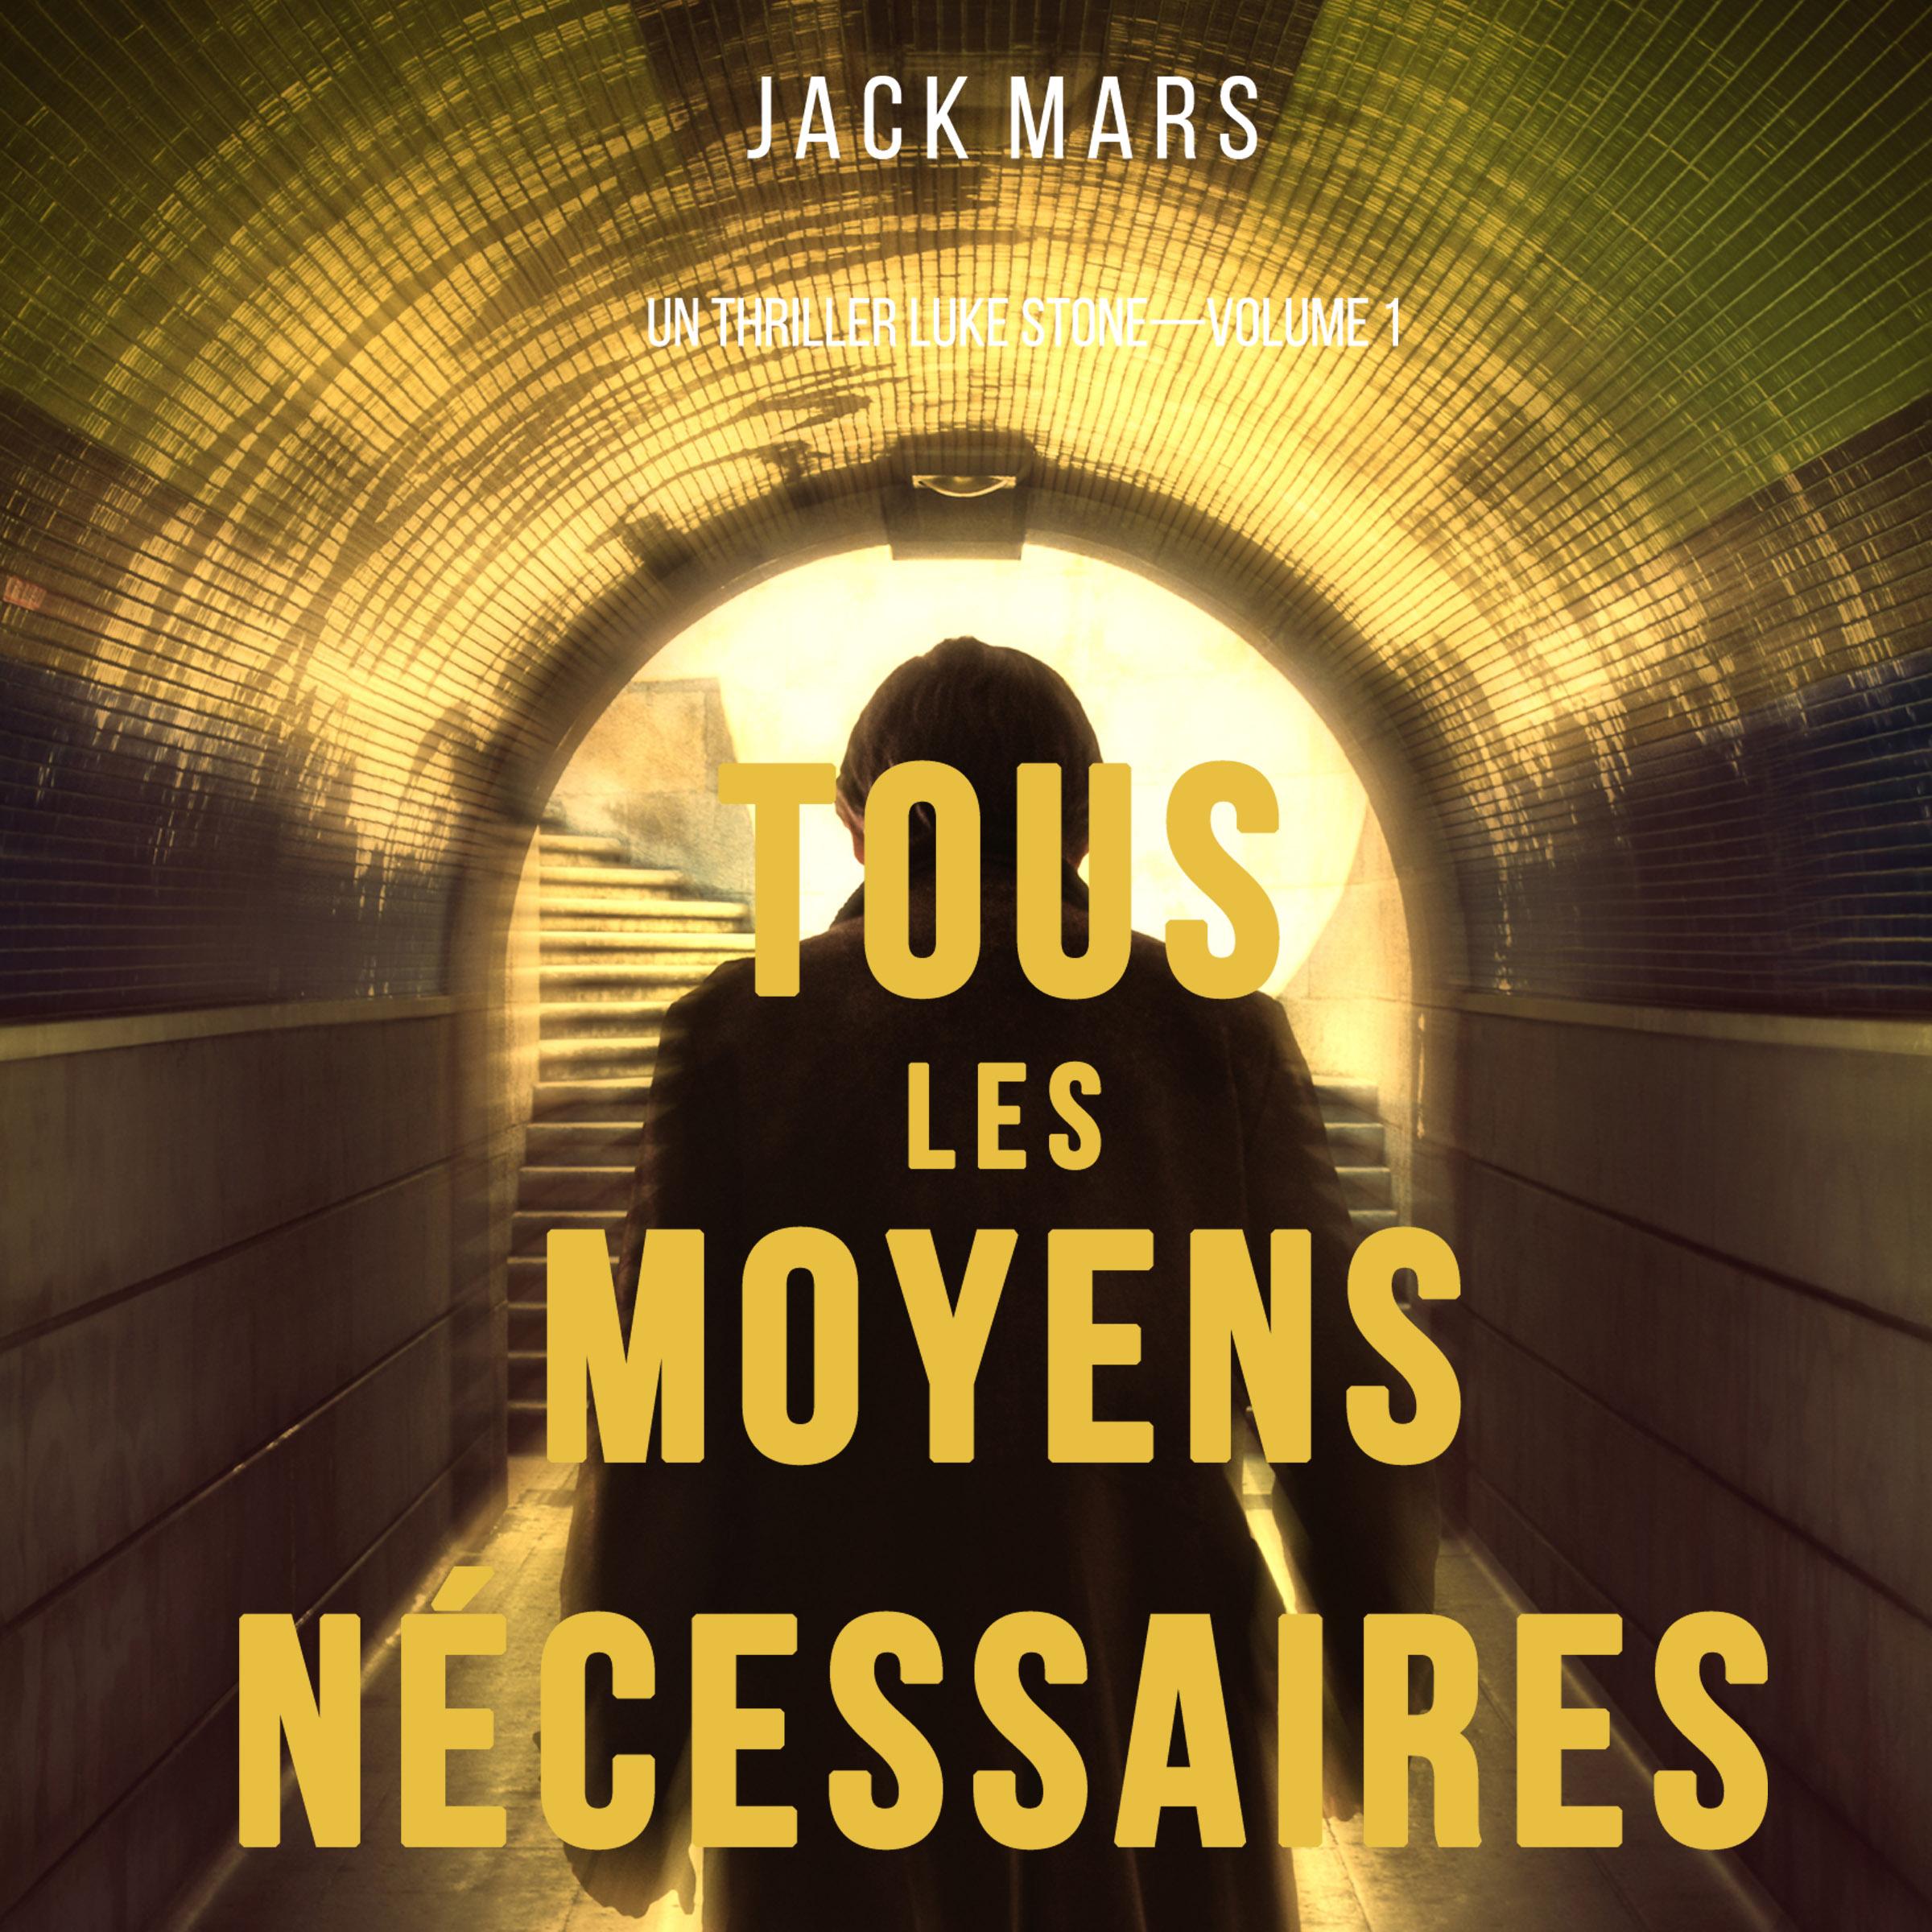 Джек Марс Tous Les Moyens Nécessaires émile merignac histoire de lescrime dans tous temps et dans tous les pays volume 1 french edition